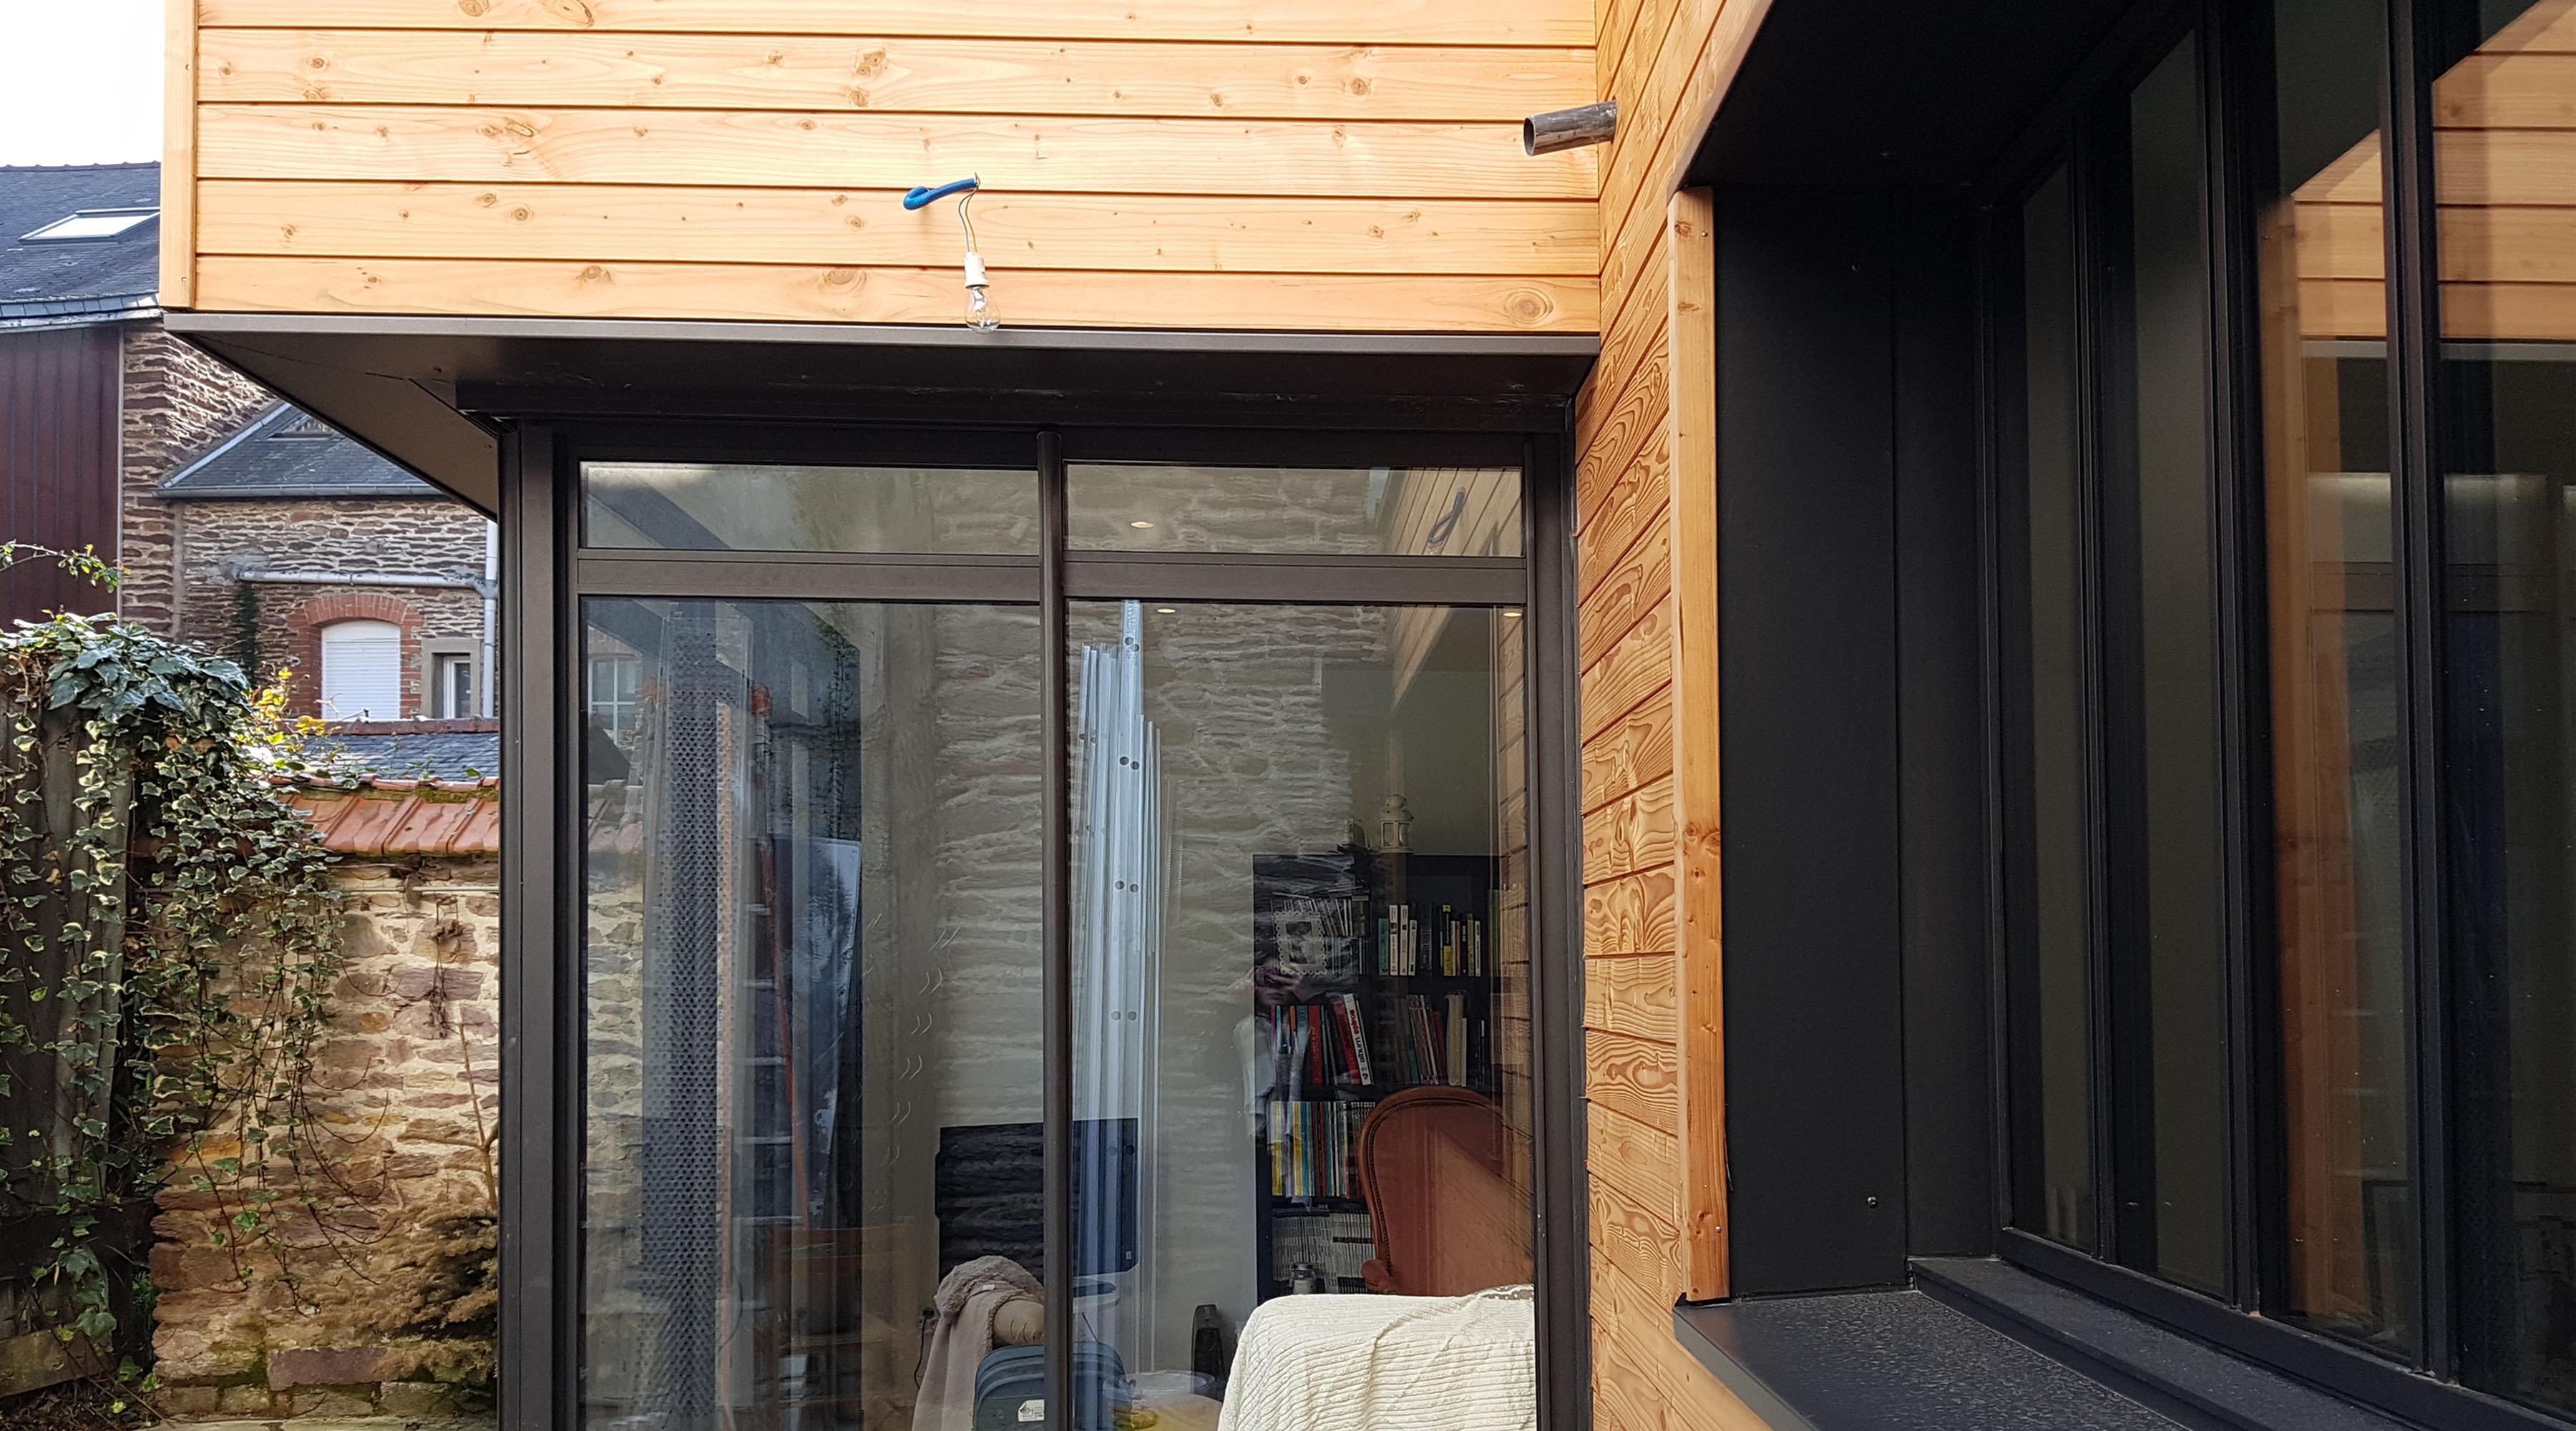 projet gg r 1 2 vue architecte lise roturier rennes 35000. Black Bedroom Furniture Sets. Home Design Ideas